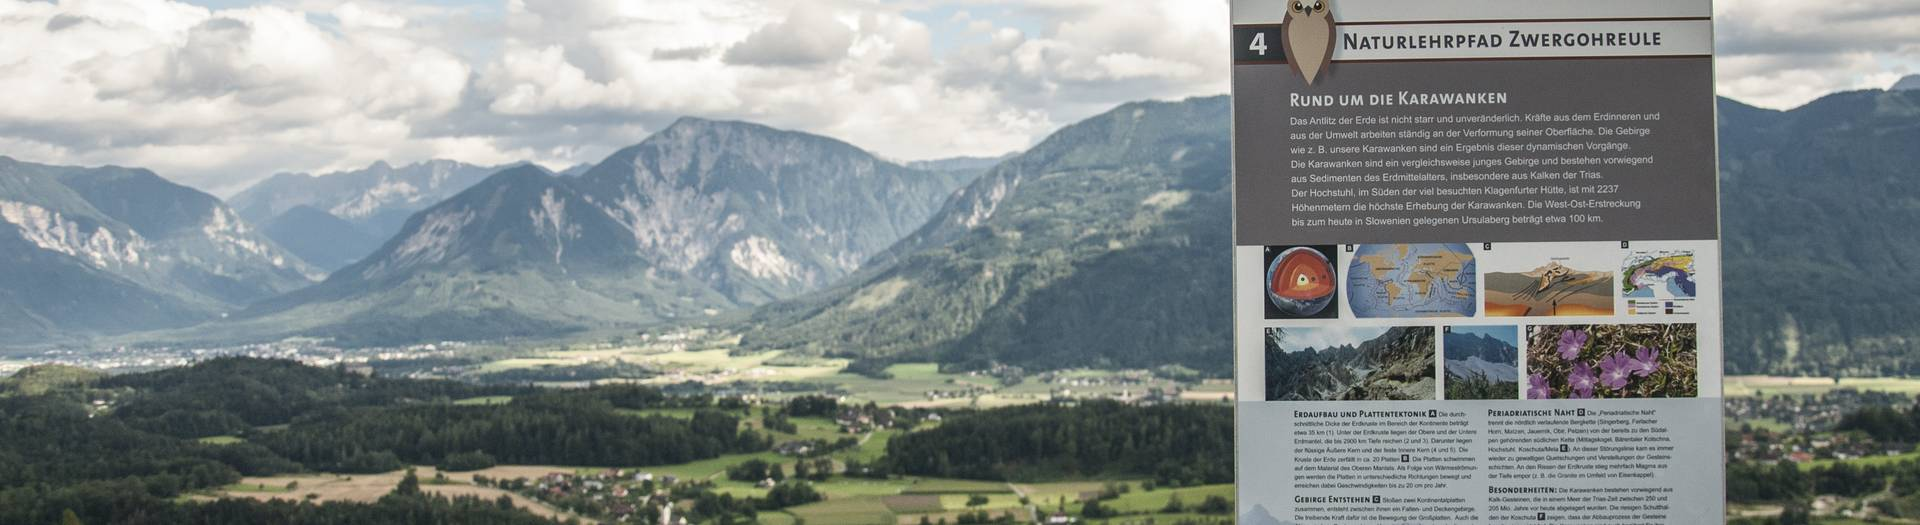 Zwergorheulen Naturlehrpfad in Köttmannsdorf im Rosental